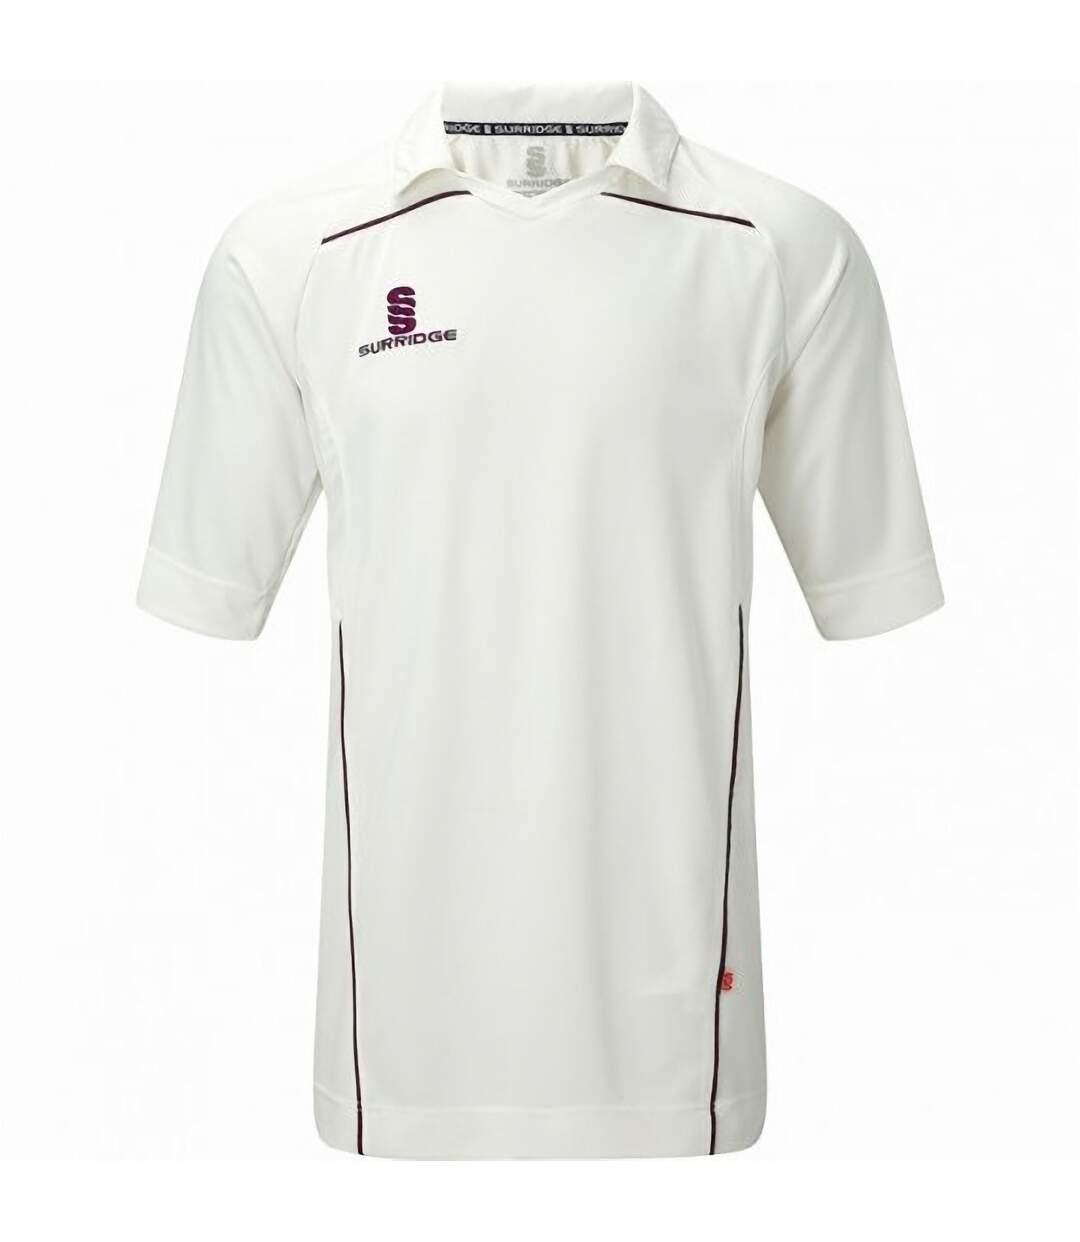 Surridge Mens Century Sports Cricket Shirt (White/ Maroon trim) - UTRW2868